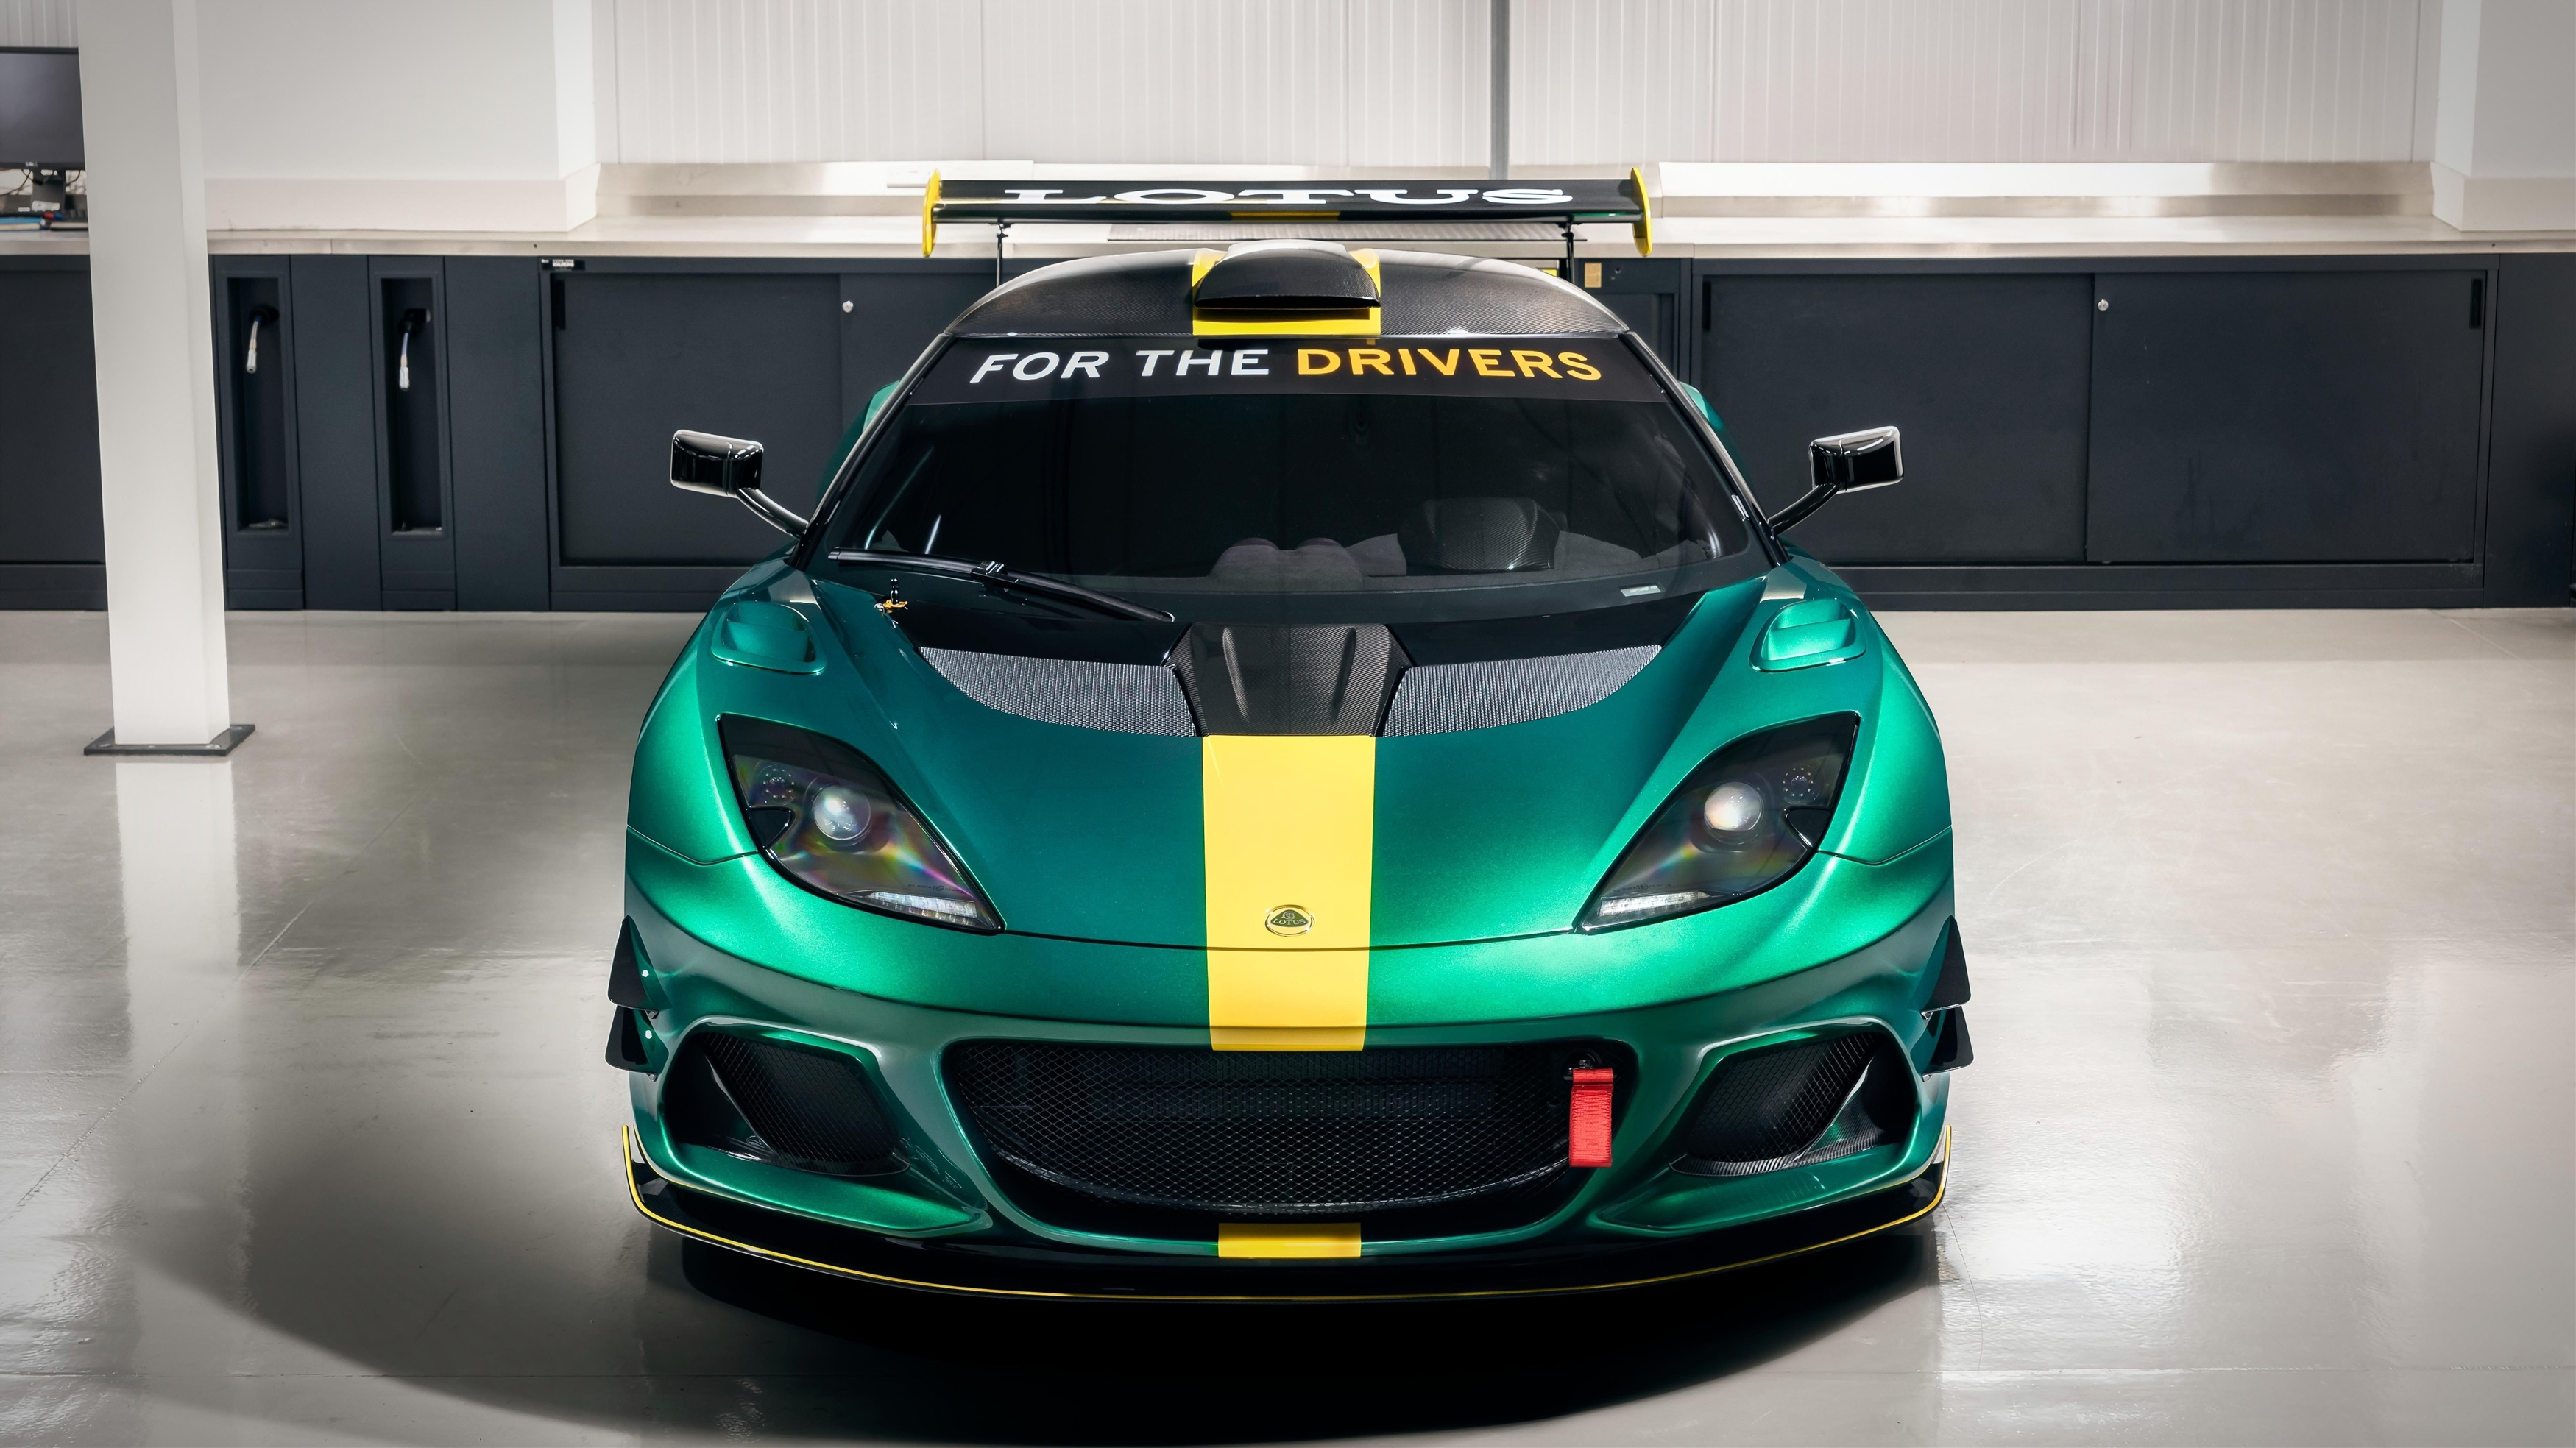 Lotus evora gt4 concept 2019 обои скачать